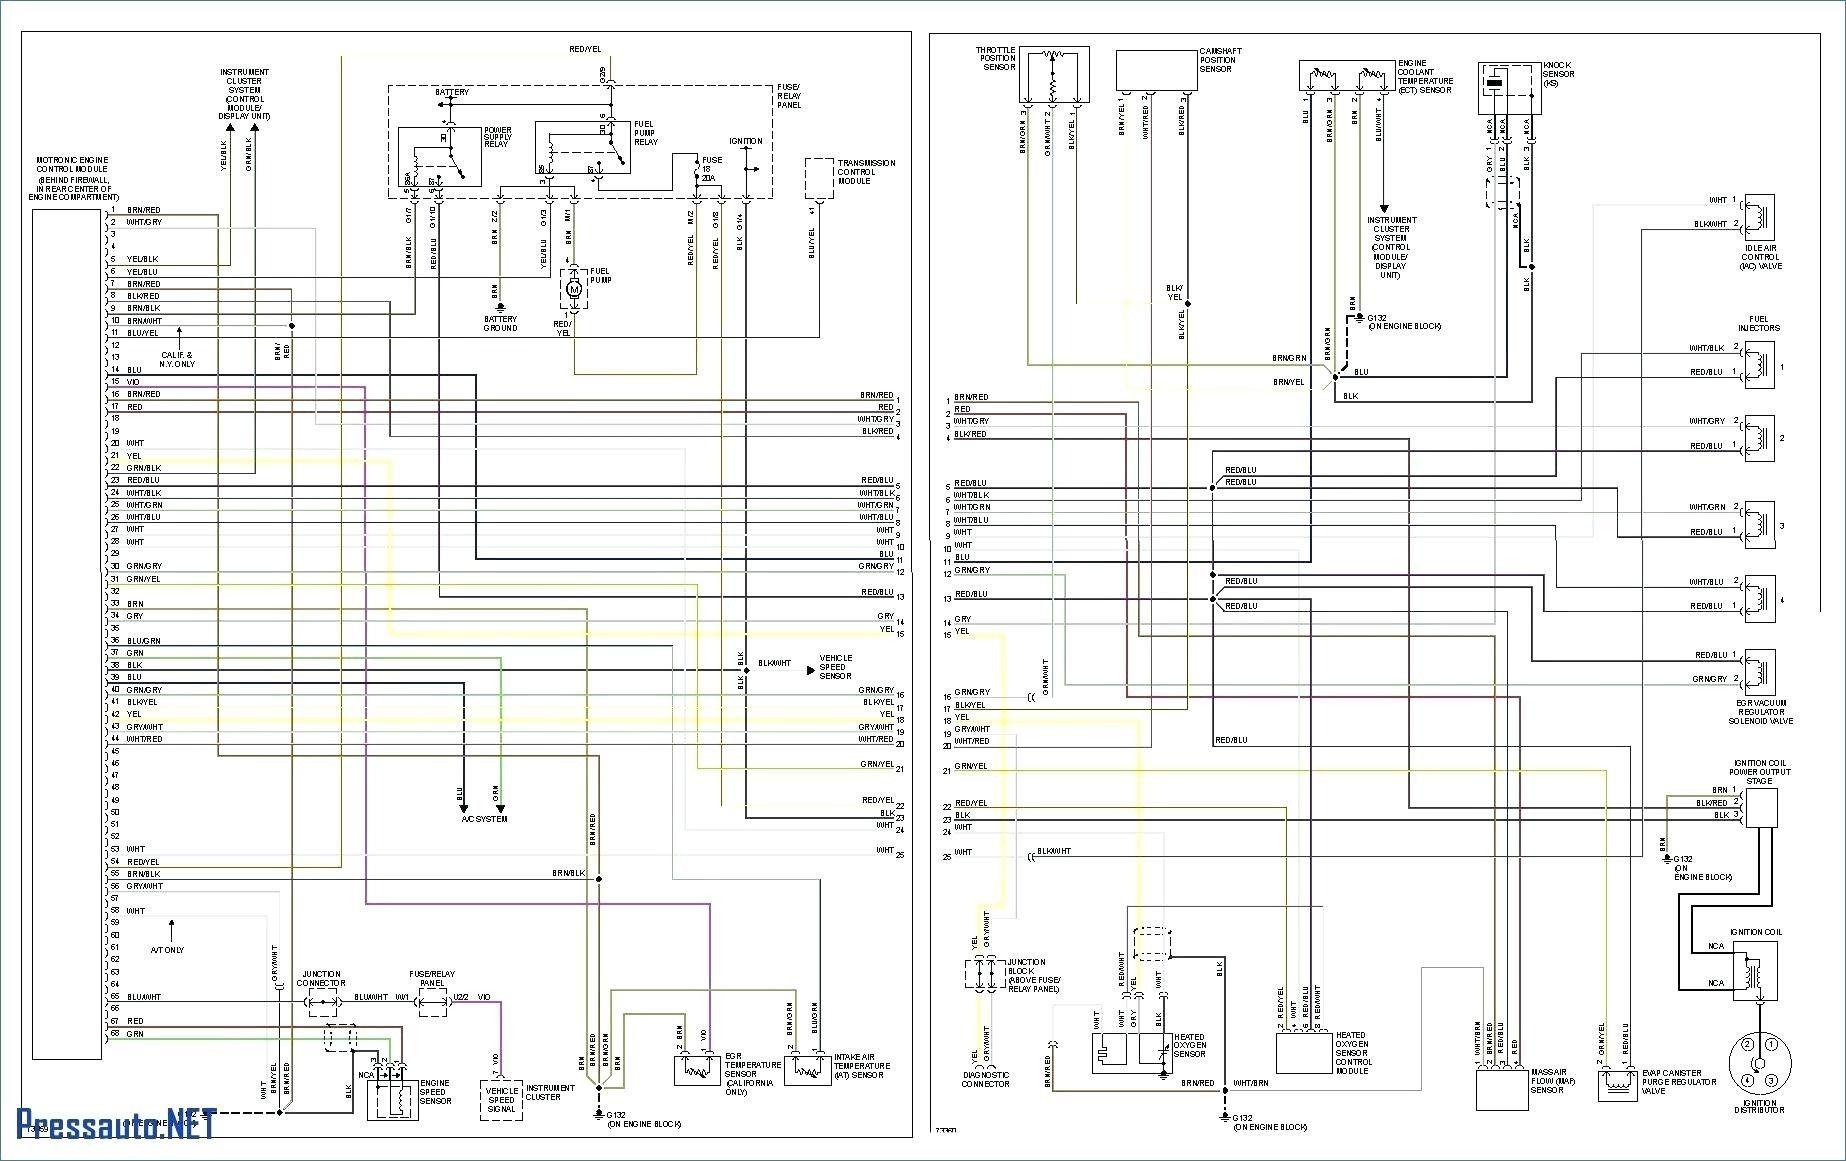 2001 Vw Passat 1 8 T Engine Diagram in 2021 | Vr6 engine, Vw up, Vw jetta | Vr6 Wiring Diagram |  | Pinterest